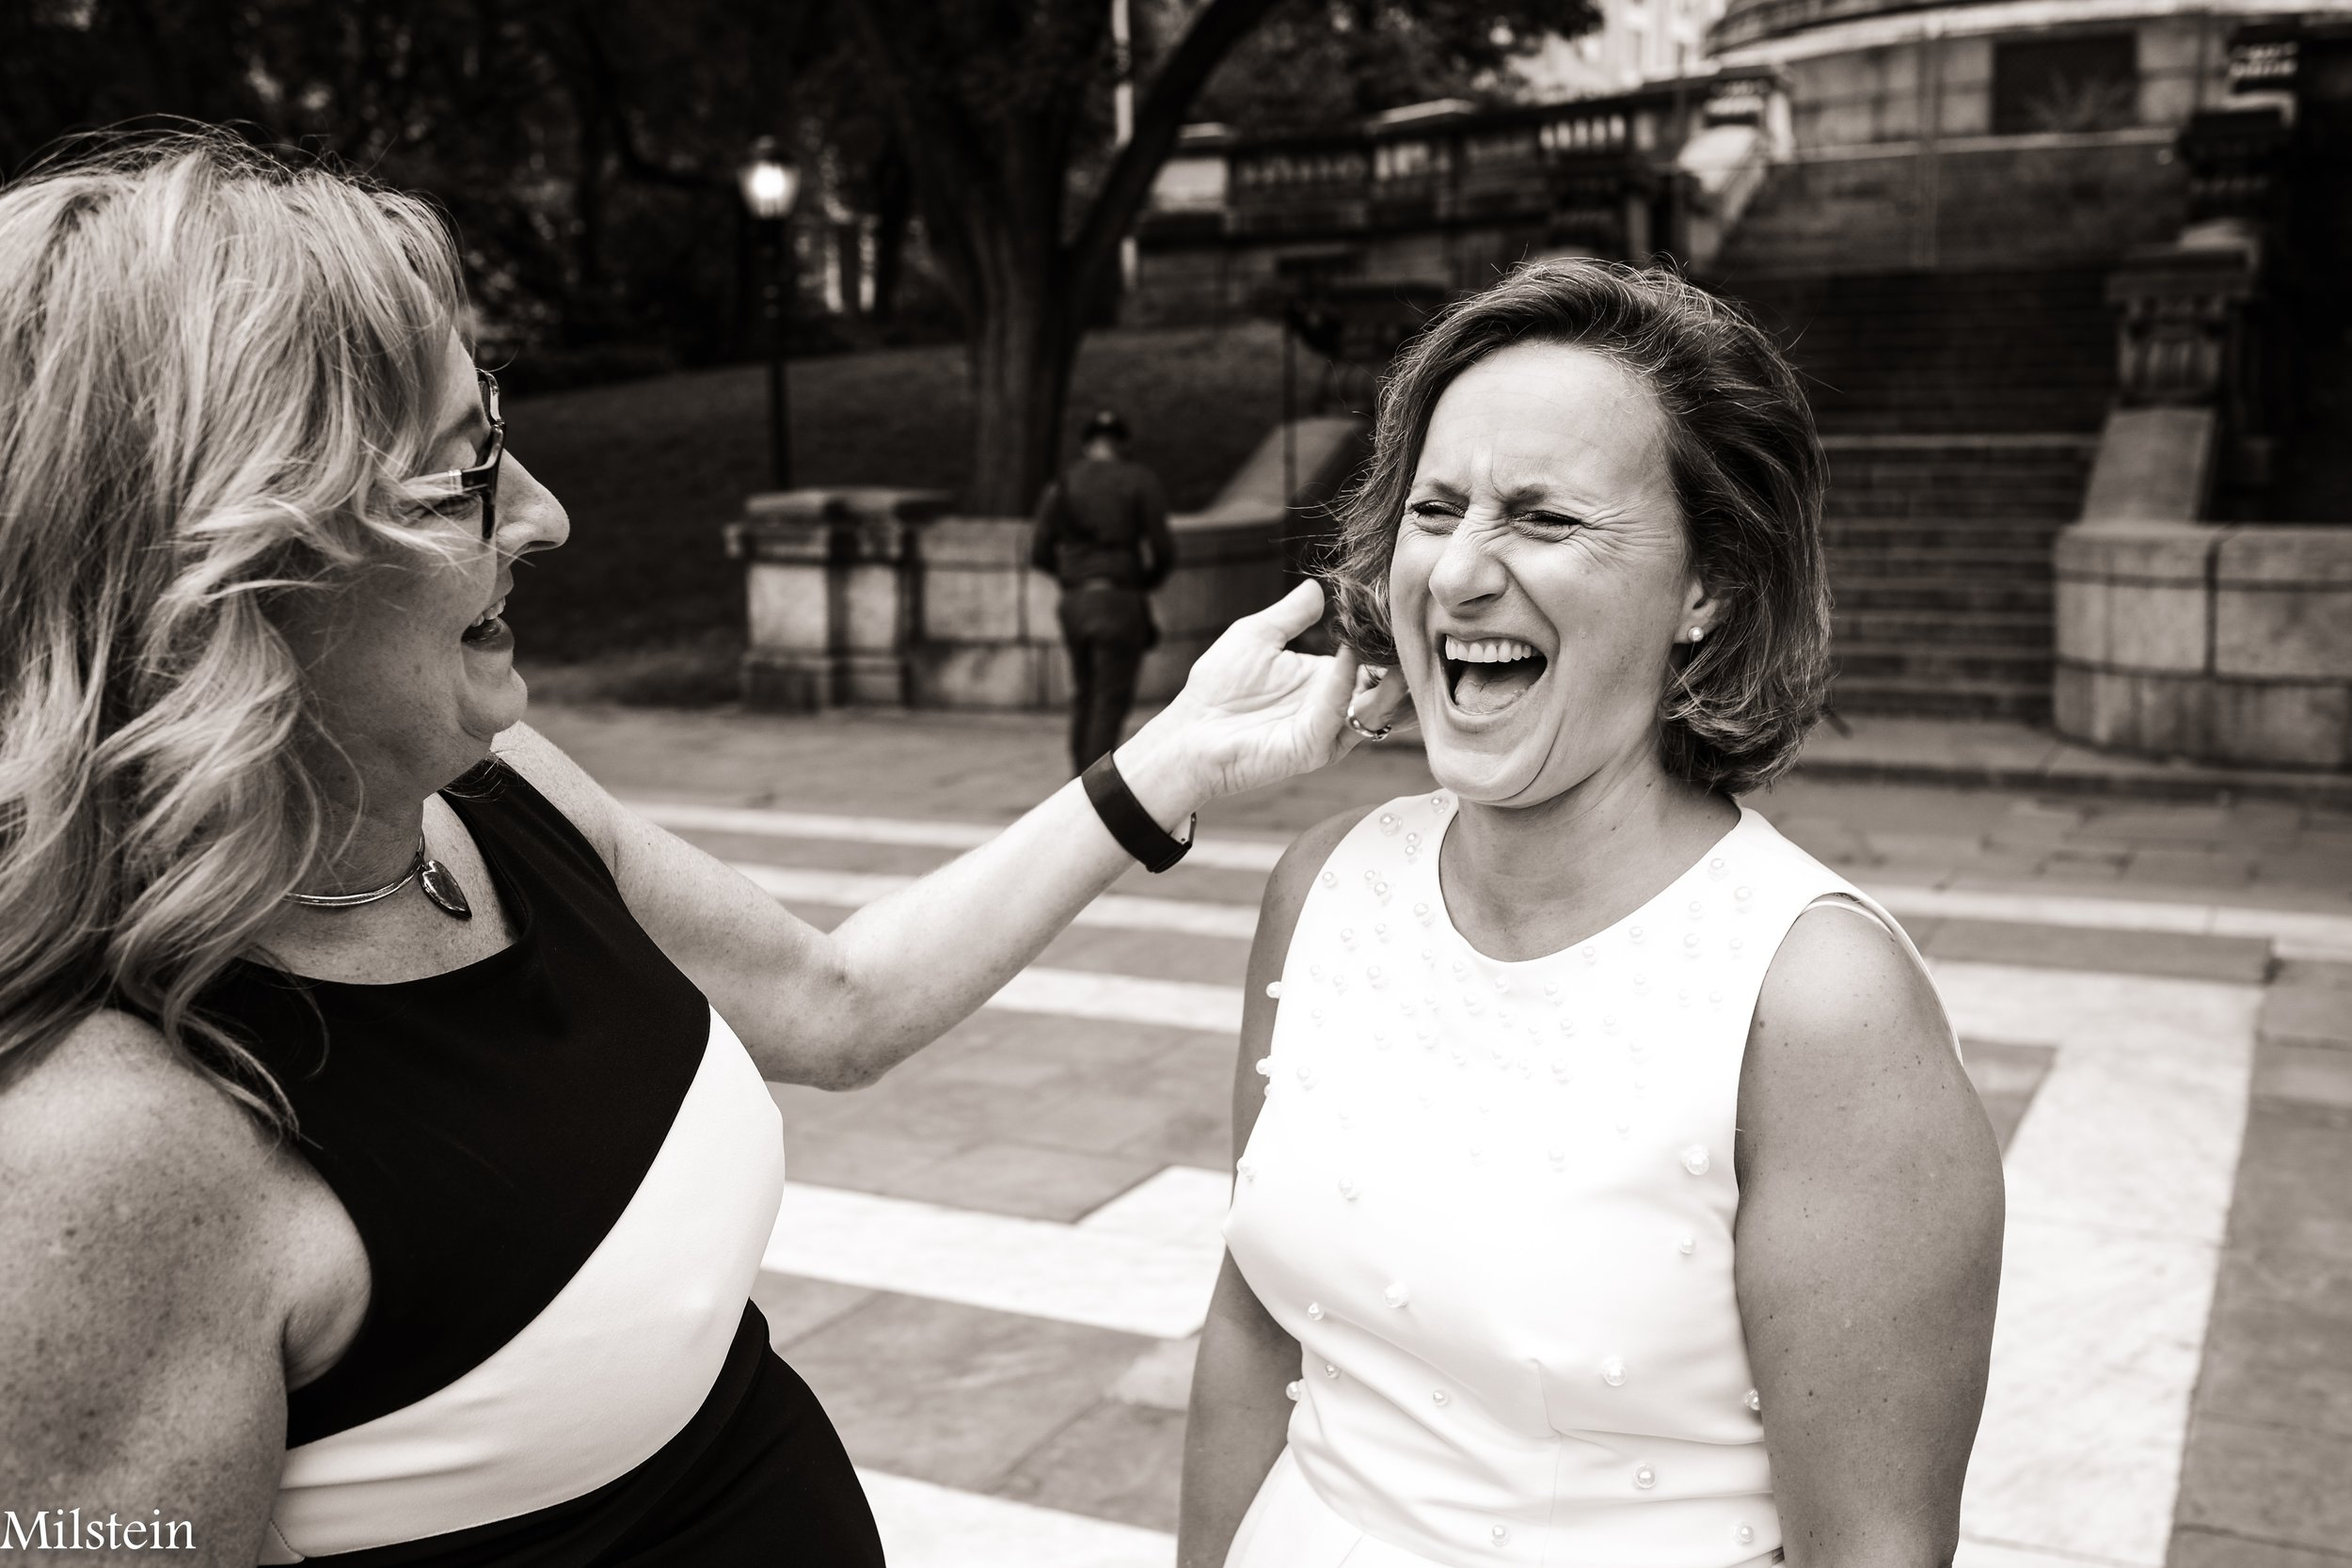 Amy-Milstein-Hire-A-Documentary-Wedding-Photographer.jpg